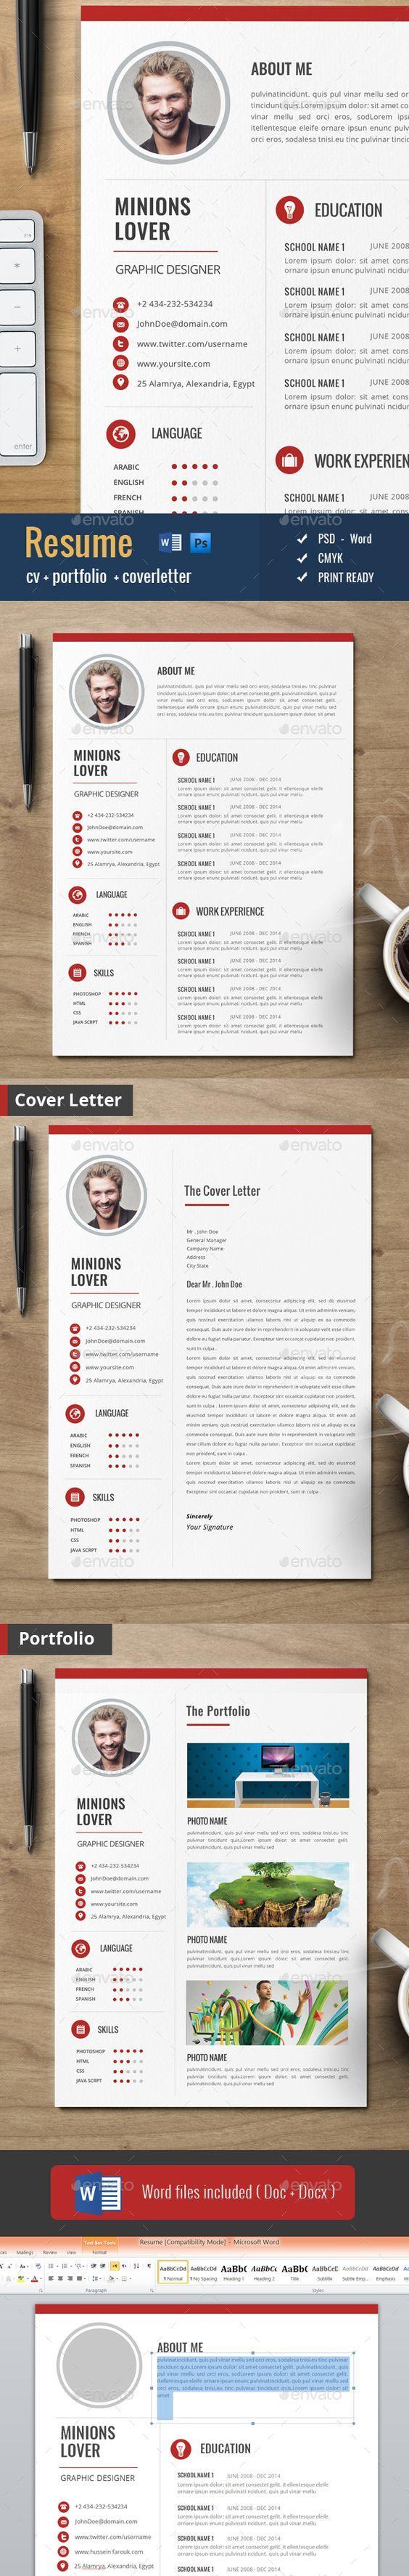 60 besten Creative CV Layouts Bilder auf Pinterest   Kreativer ...